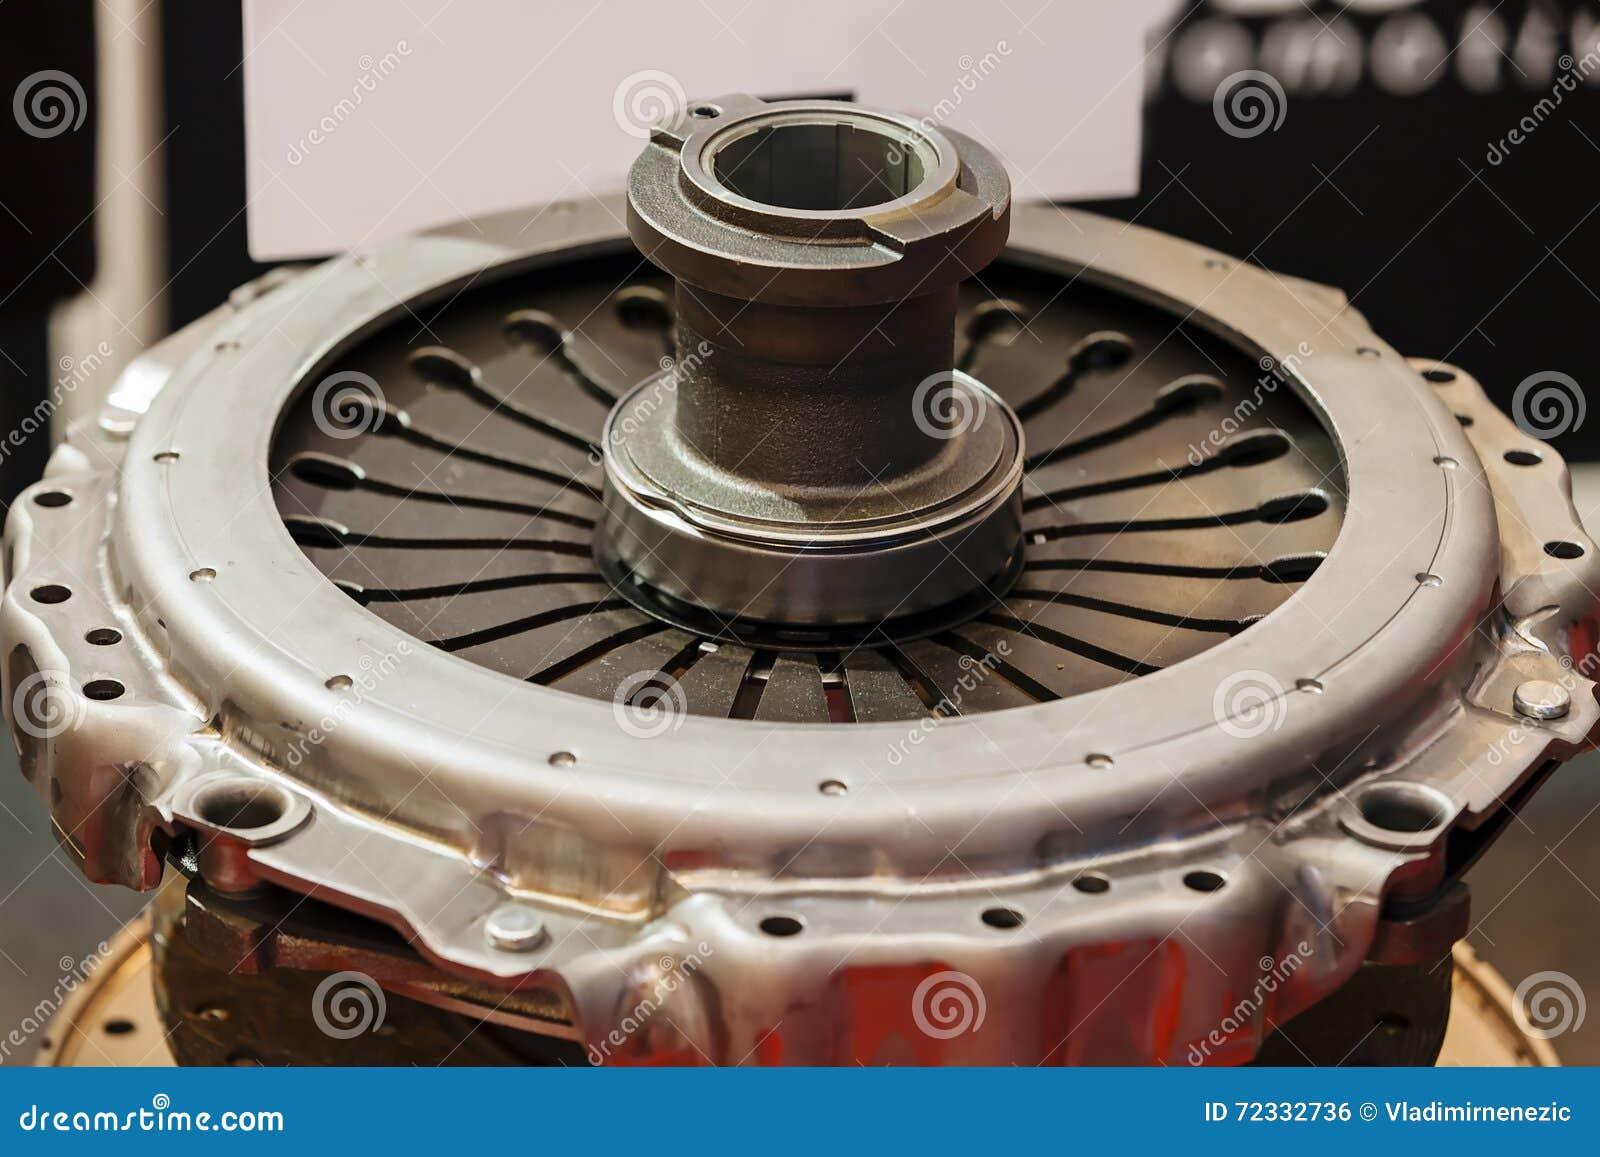 Fantastisch Komponenten Eines Automotors Bilder - Schaltplan Serie ...